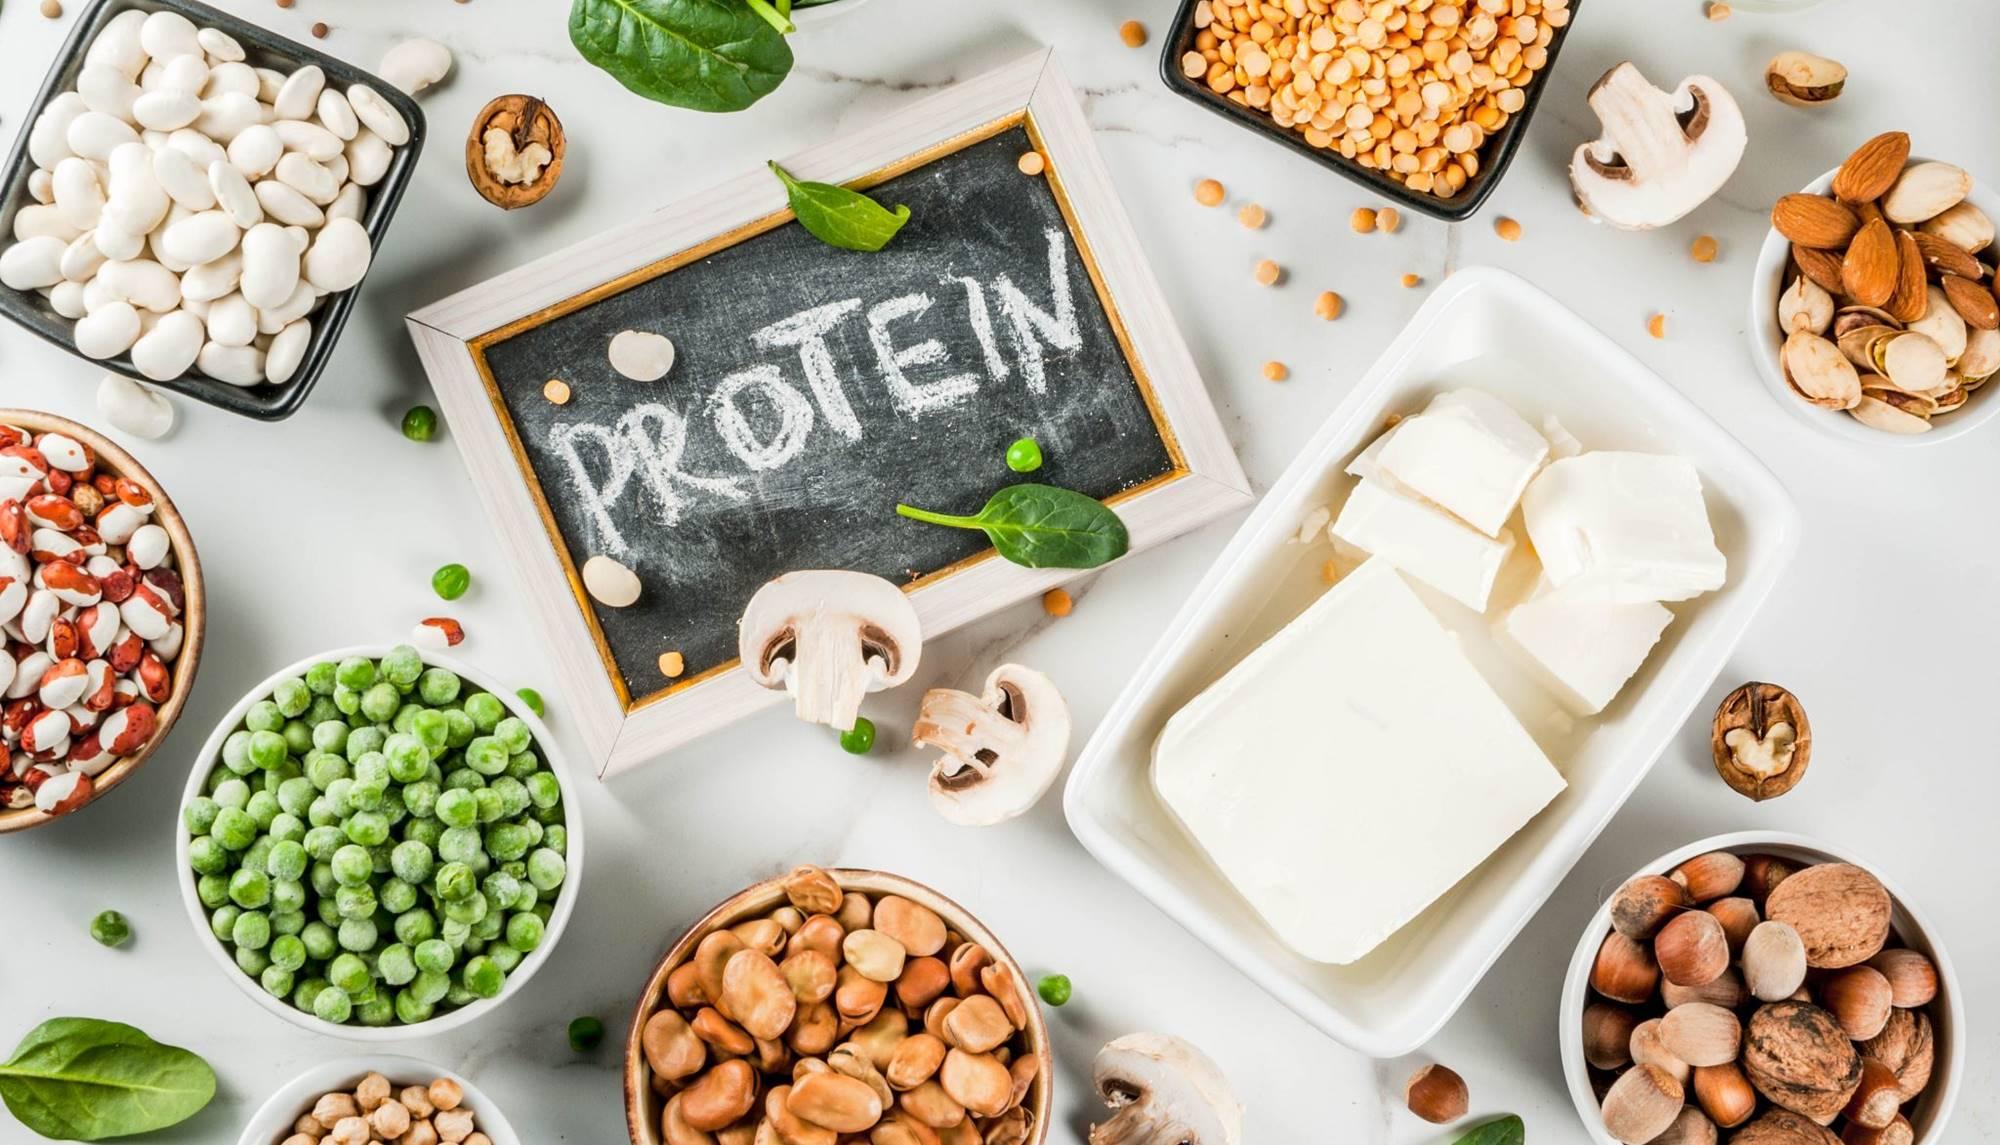 biljni-proteini-razlike-u-odnosu-na-ivotinjske-i-n_5d492f03ae36d